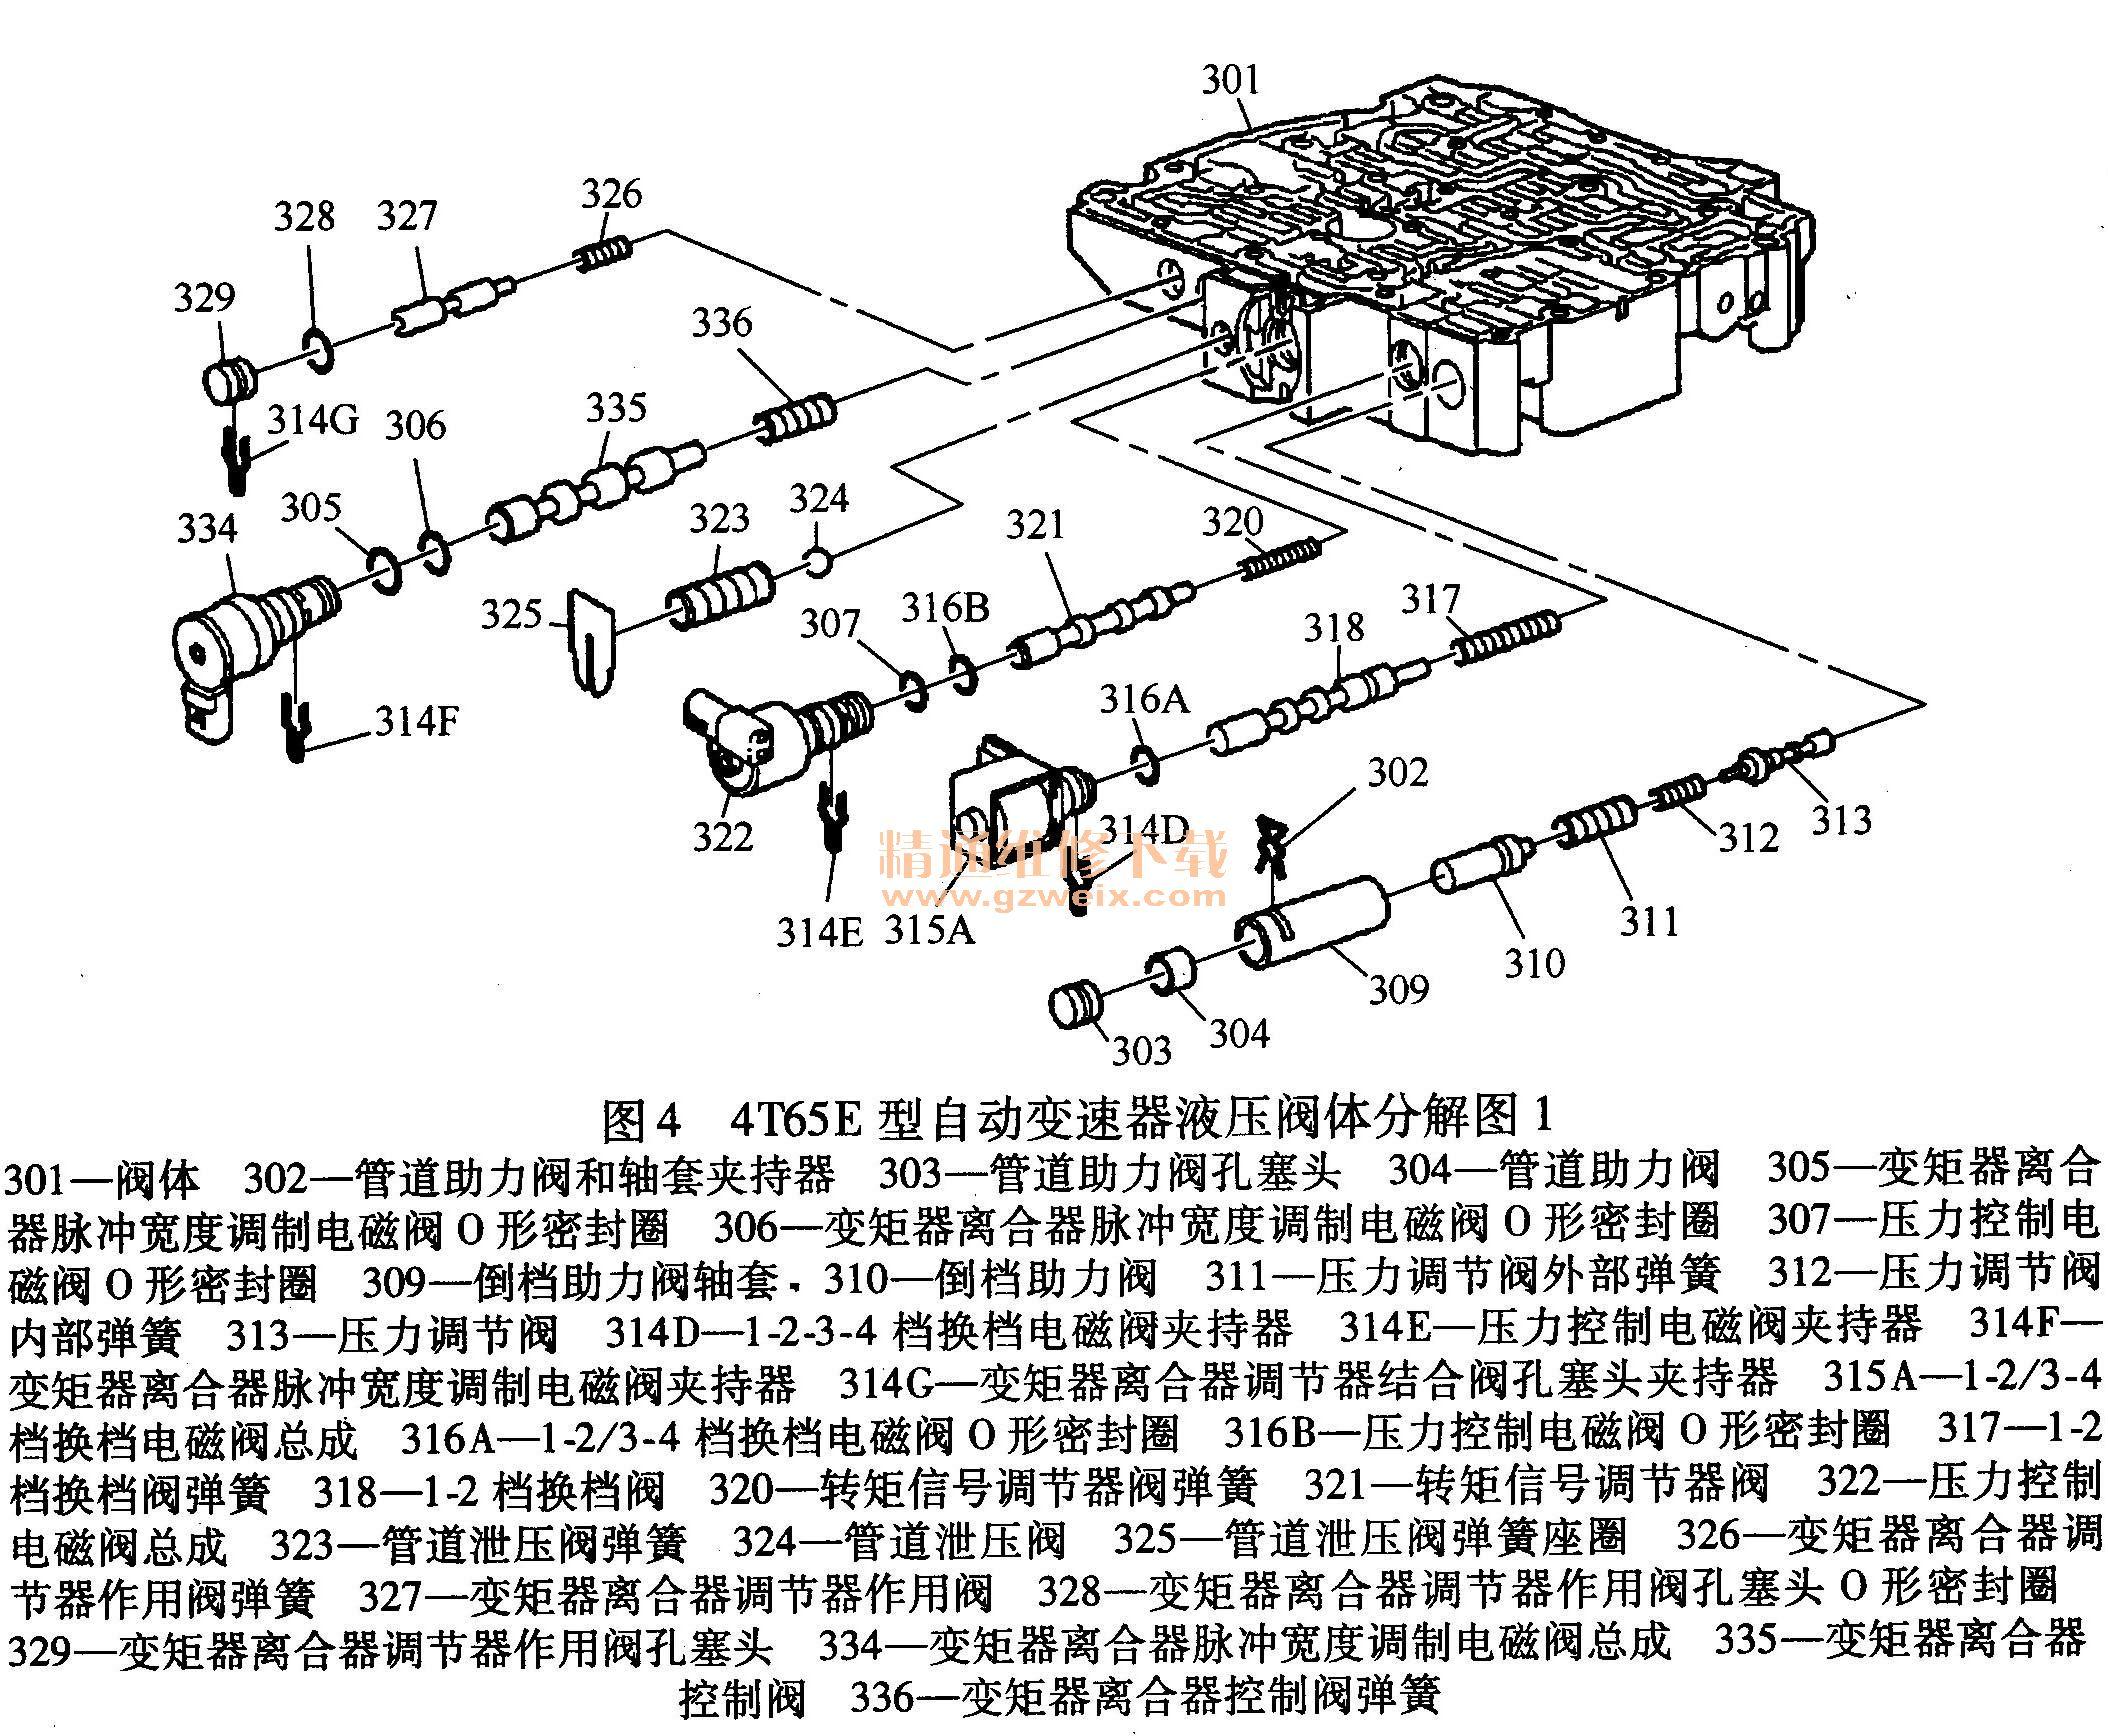 4t65e型自动变速器液压阀体分解图1